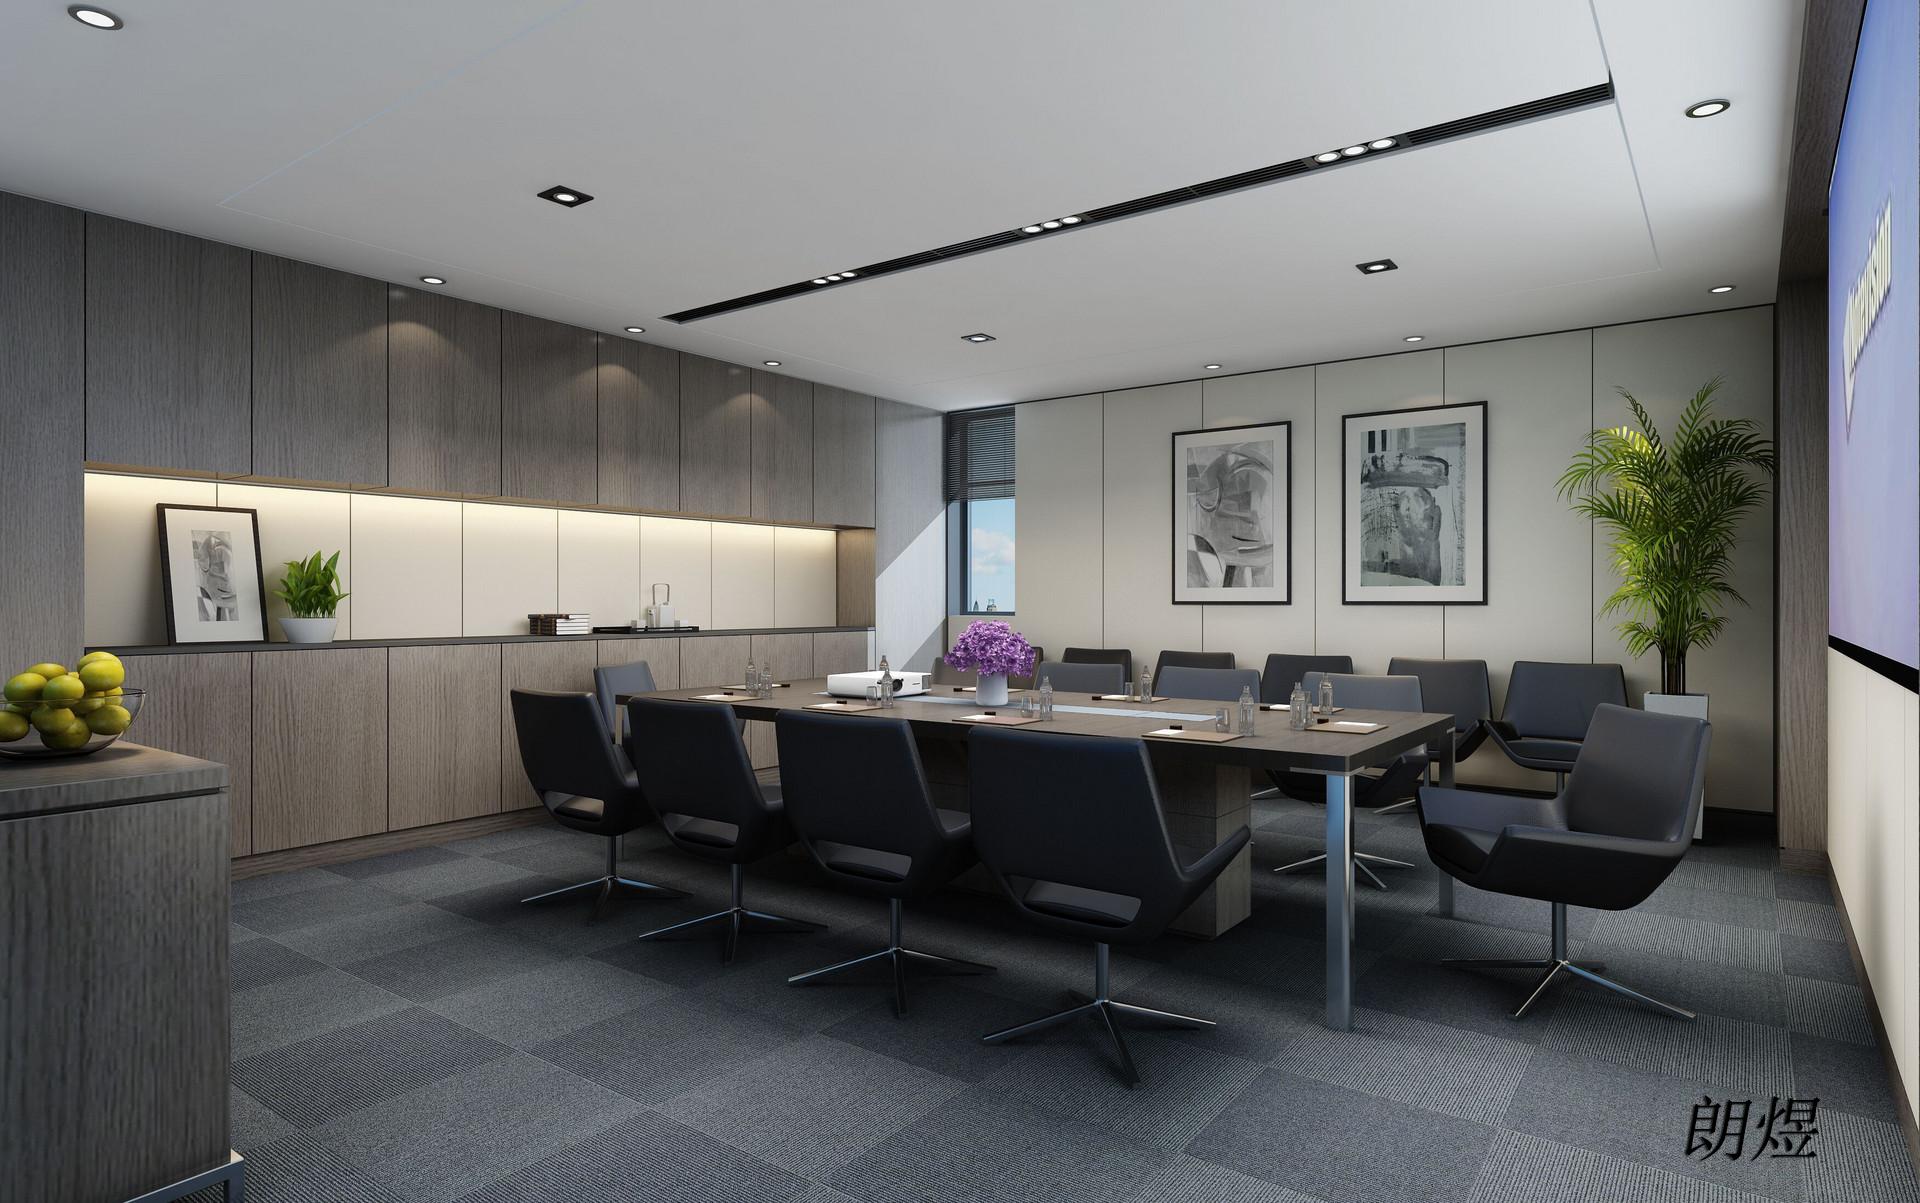 成都金融投资办公室装修设计